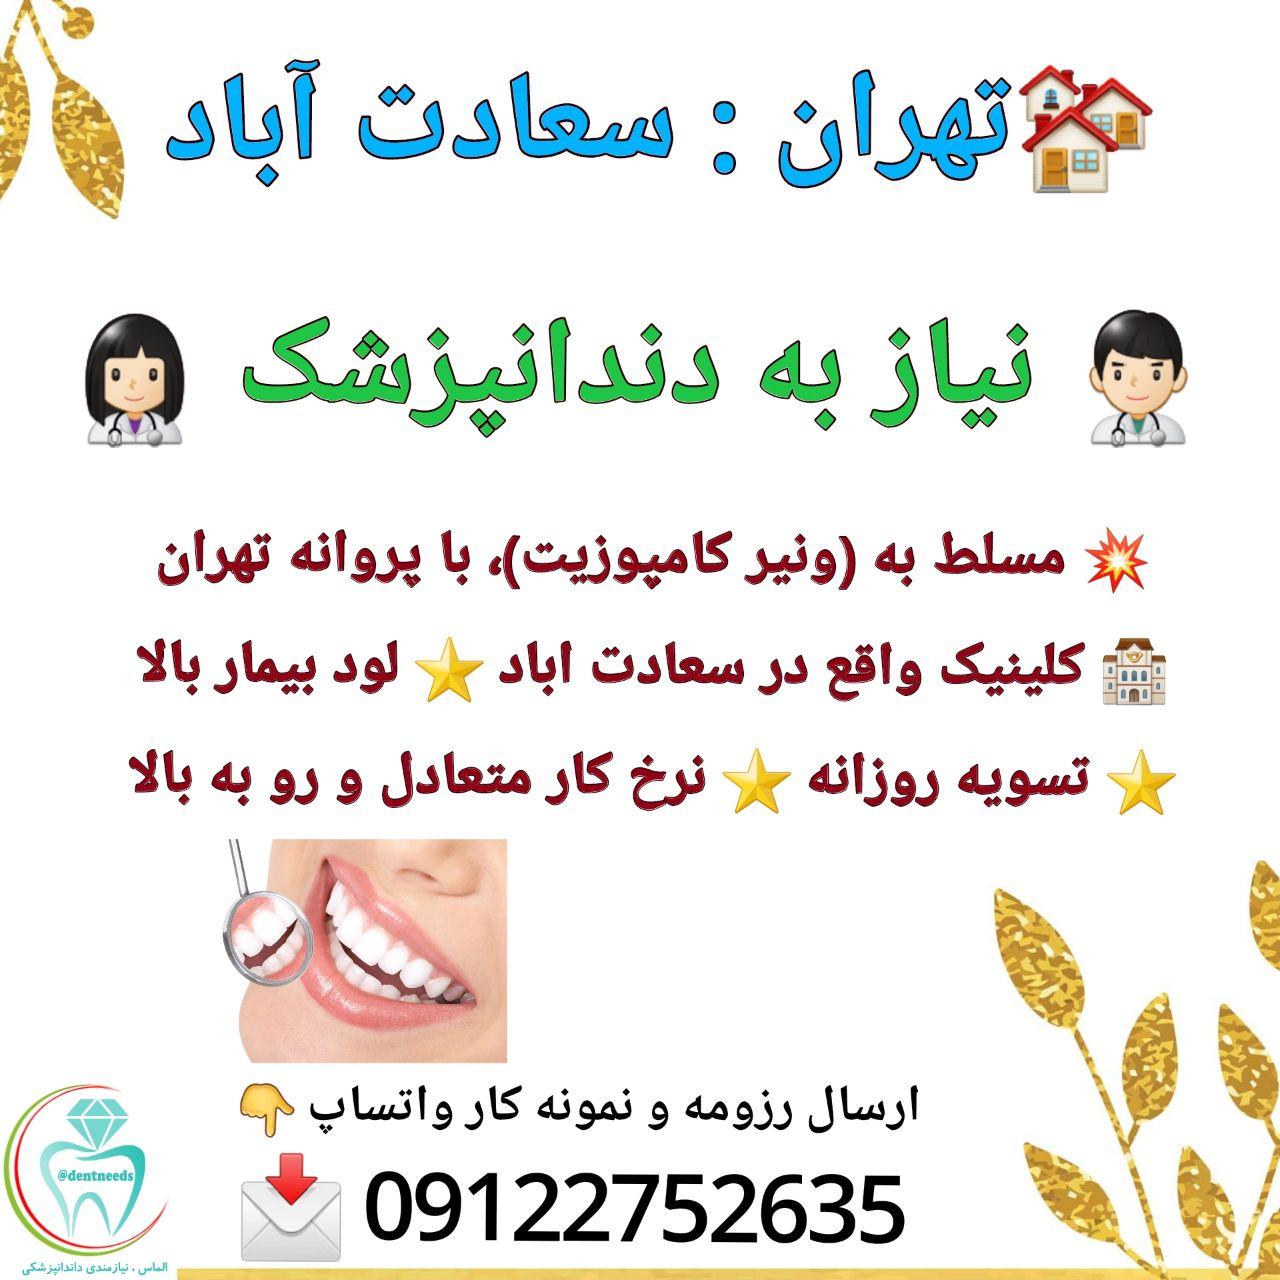 تهران: سعادت آباد، نیاز به دندانپزشک